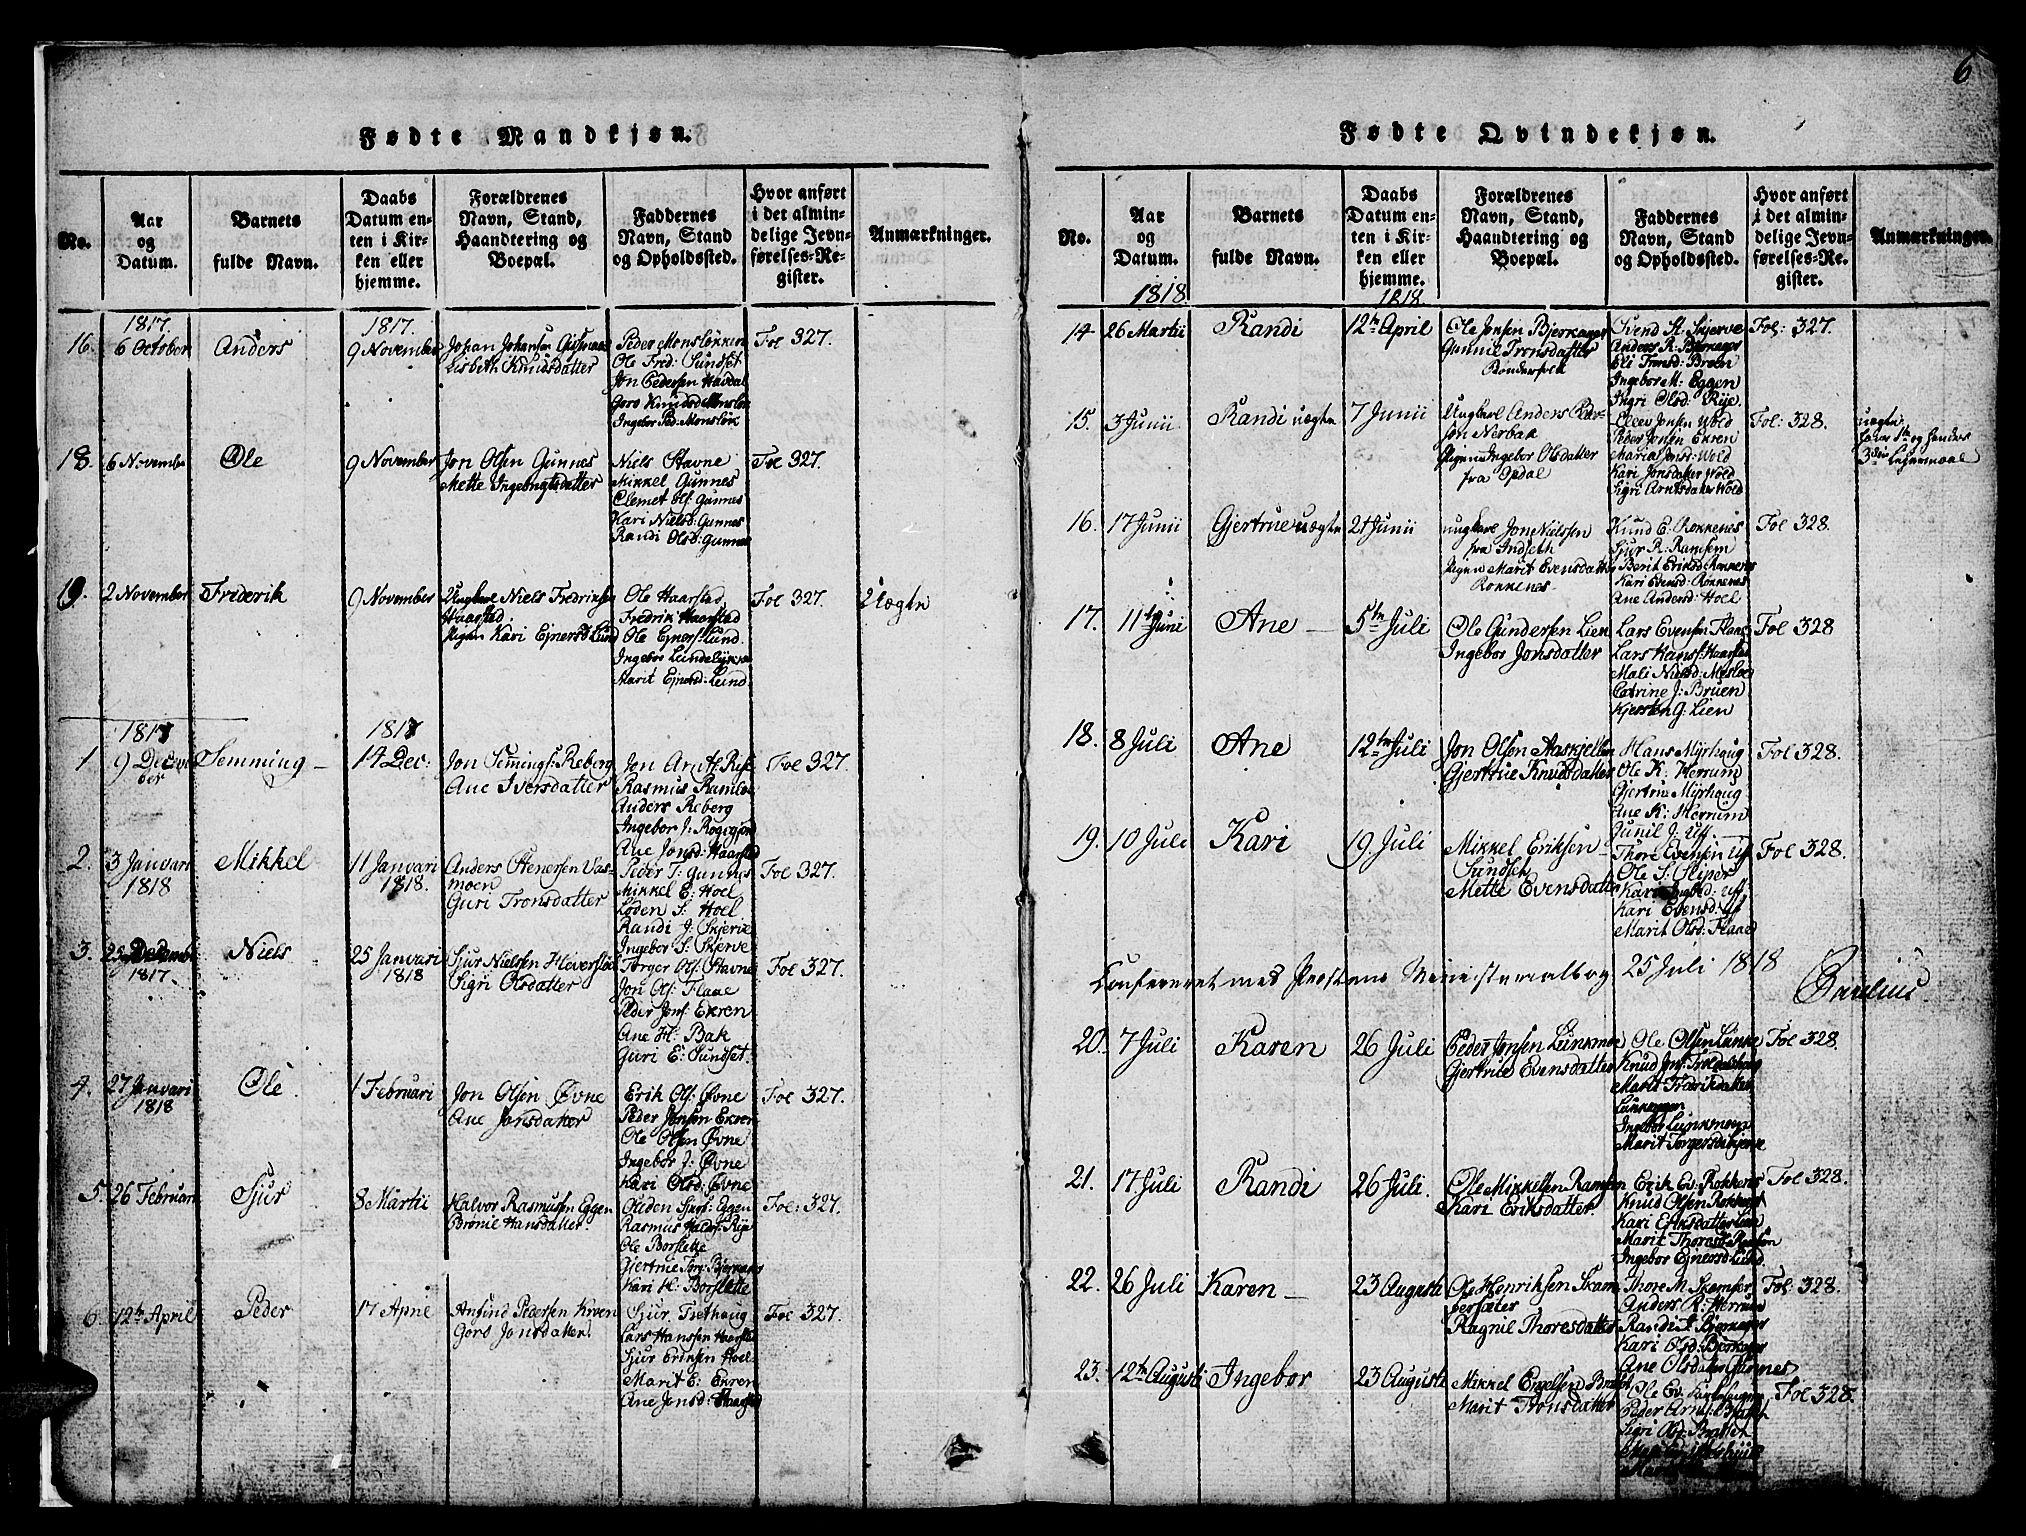 SAT, Ministerialprotokoller, klokkerbøker og fødselsregistre - Sør-Trøndelag, 674/L0874: Klokkerbok nr. 674C01, 1816-1860, s. 6